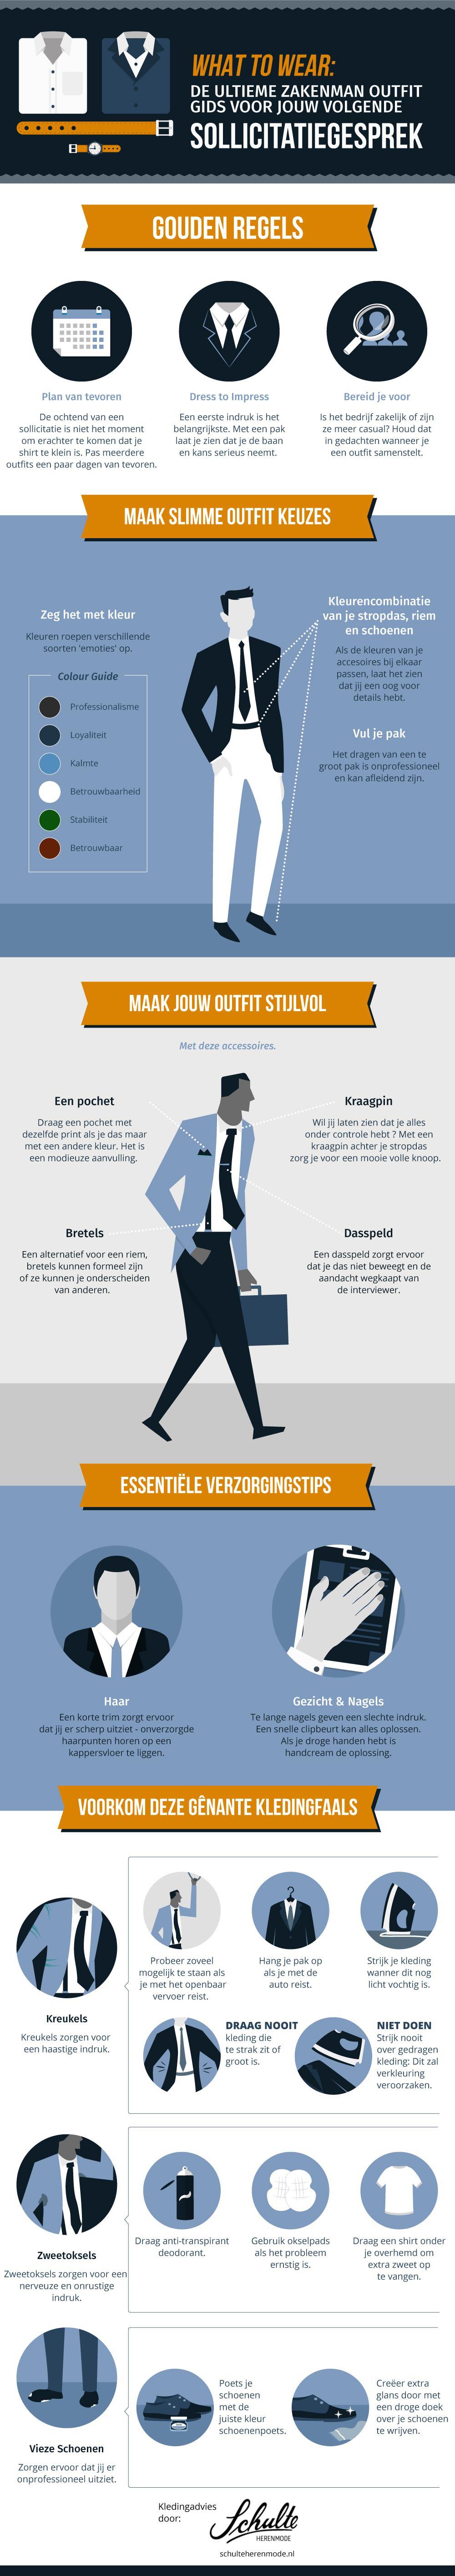 Infographic - De ultieme outfit gids voor jouw volgende sollicitatiegesprek - Schulte Herenmode